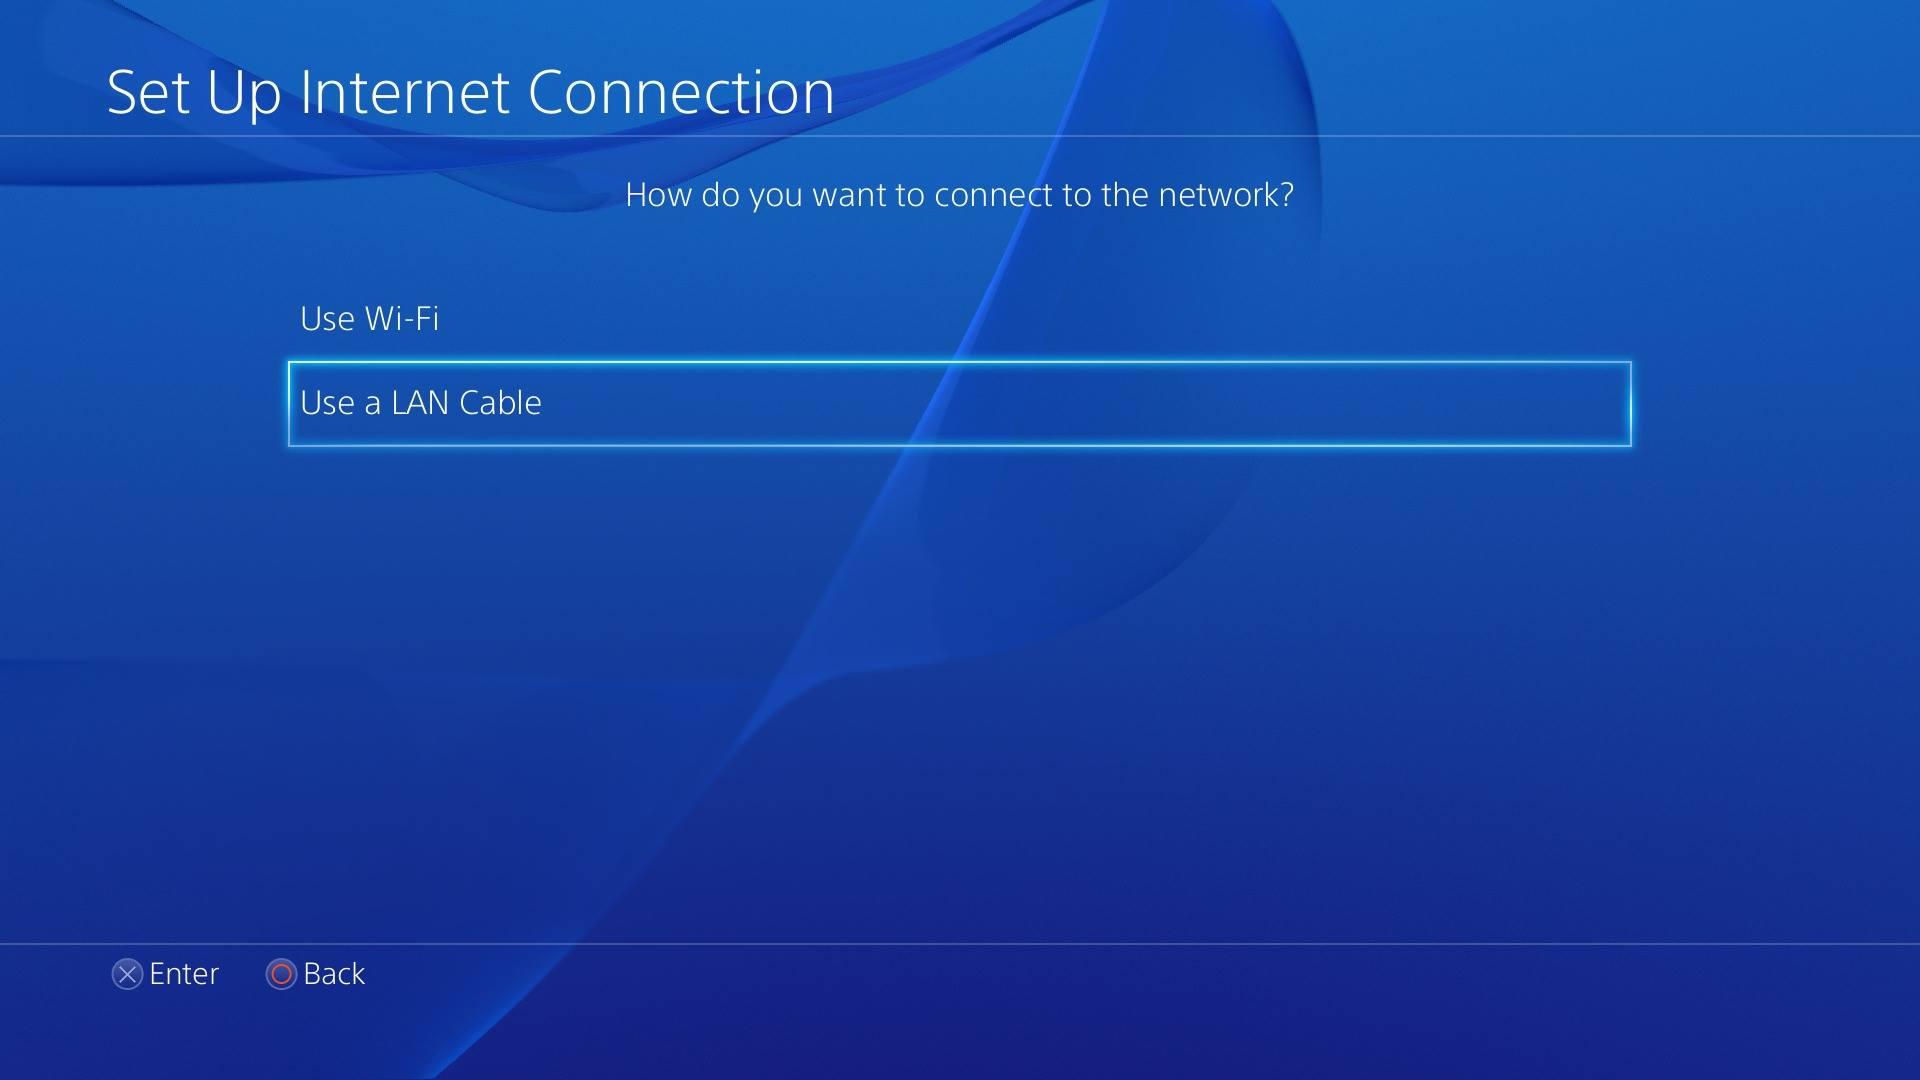 wifi or LAN.jpg